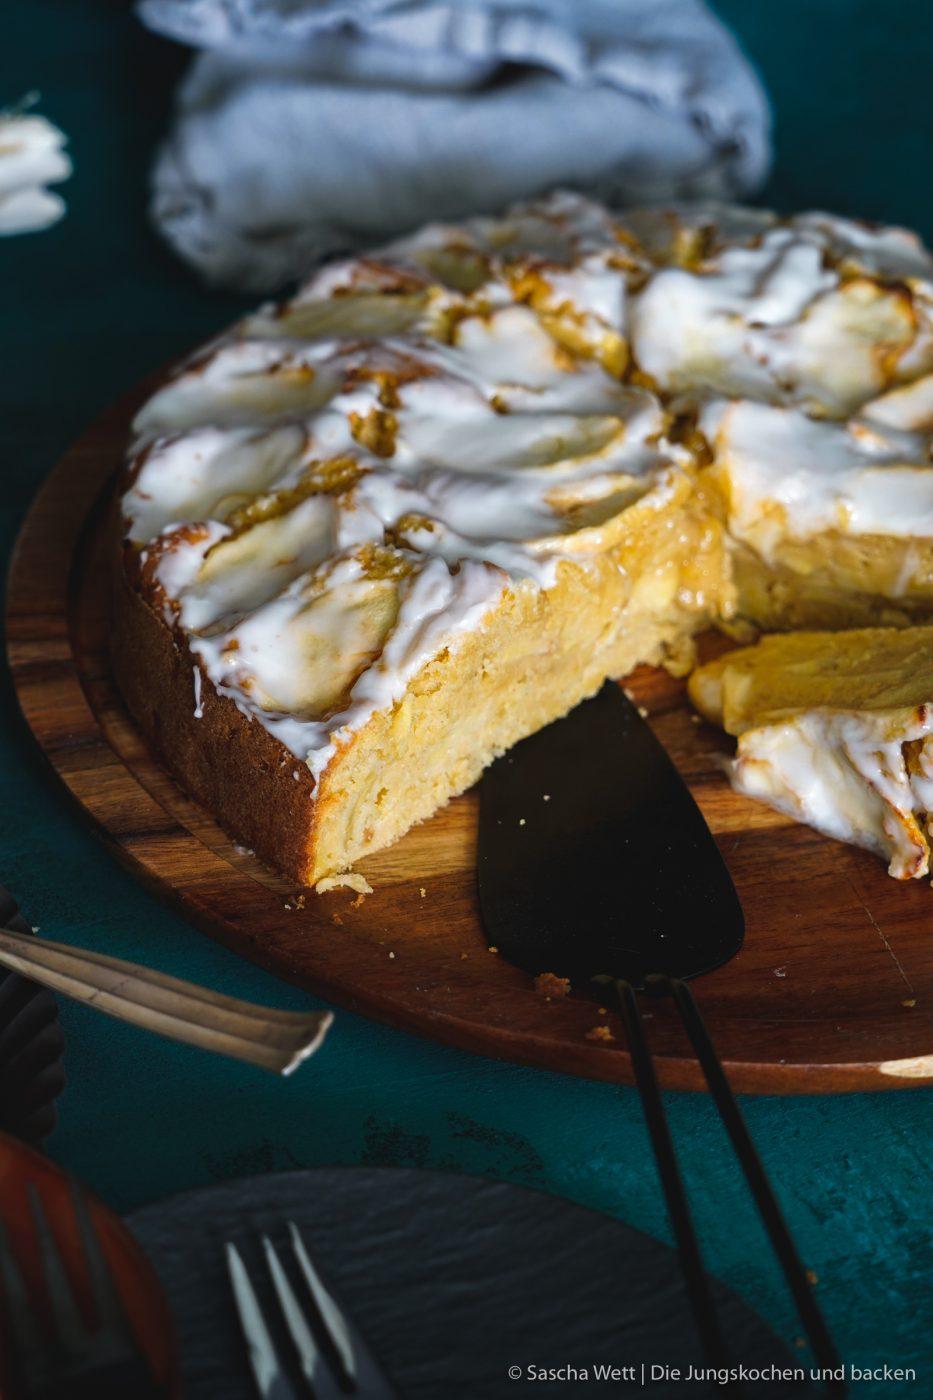 Calvados Apfelkuchen 3 | Wir haben uns gedacht, dass wir euch heute einmal wieder einen neuen Kuchen zeigen müssen. Für dieses Prachtstück haben wir sogar eine kleine Odyssee hinter uns, Aber jetzt kennen wir auch die kleinen versteckten Ecken Frankreichs. Für einen leckeren Apfelkuchen mit Calvados nimmt man sowas aber doch gerne auf sich. Oder was meint ihr?